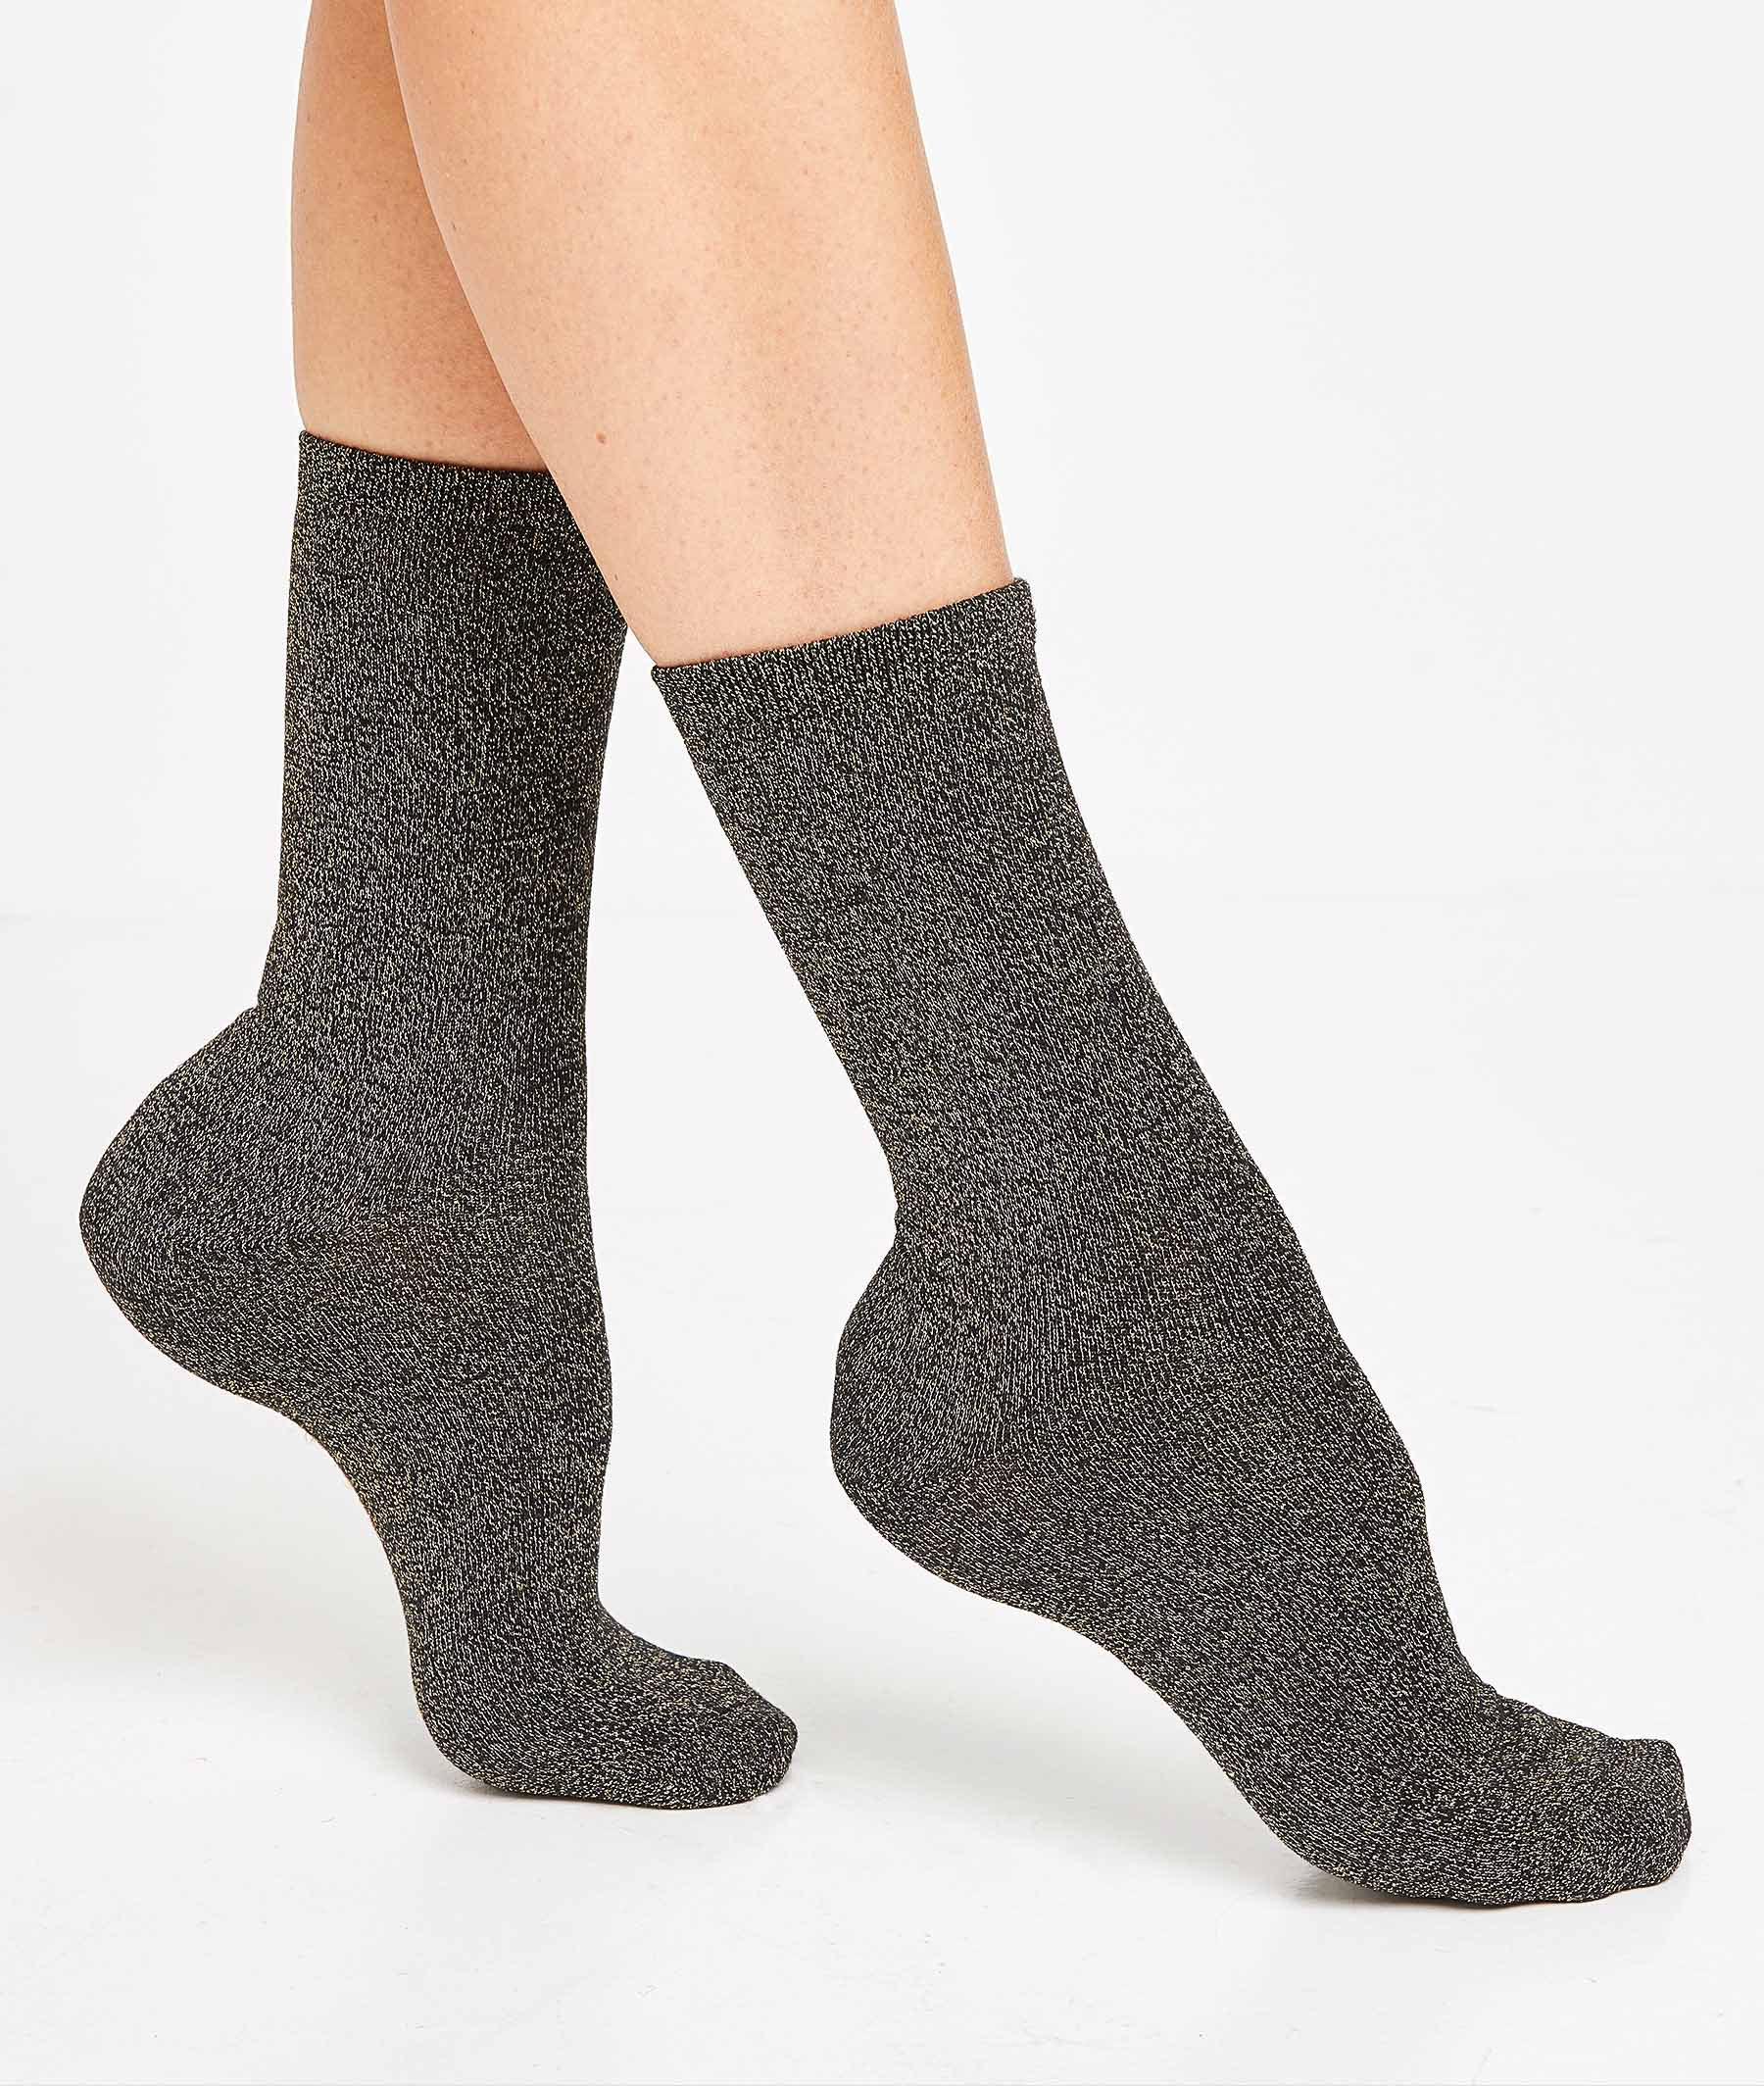 Lot de 2 paires de chaussettes femme MARINE